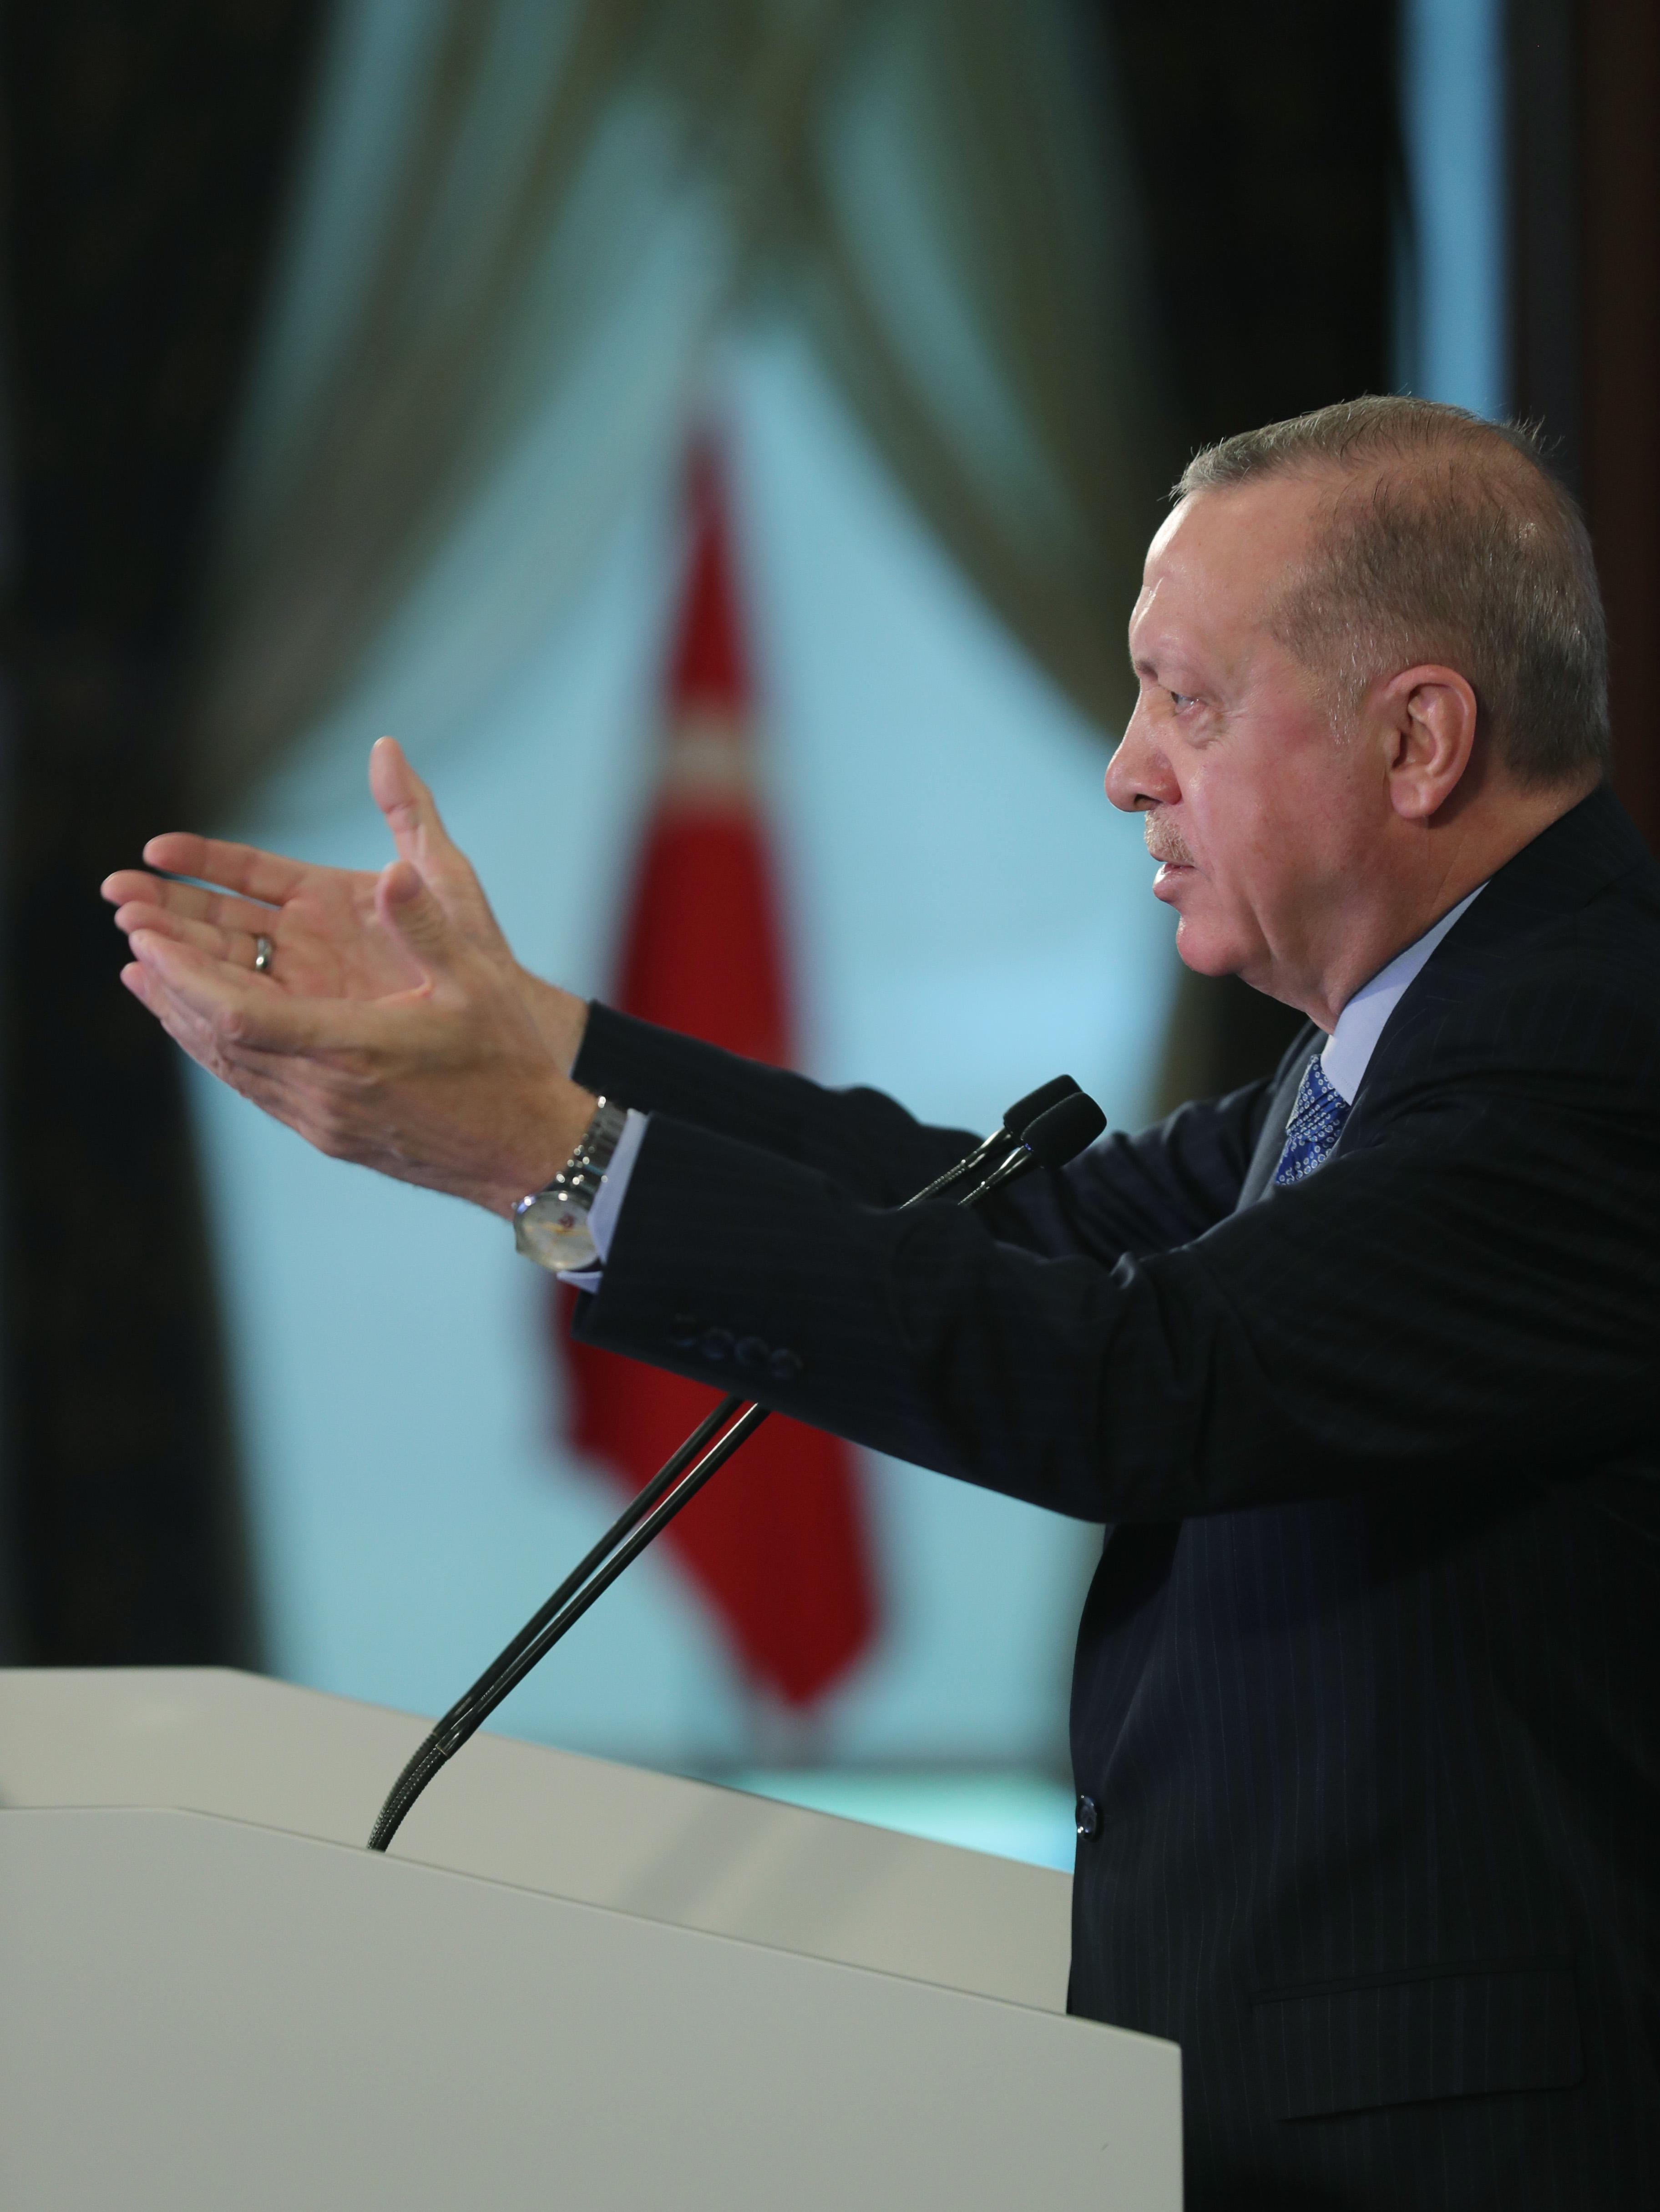 Başkan Erdoğan'dan partilere yeni anayasa çağrısı